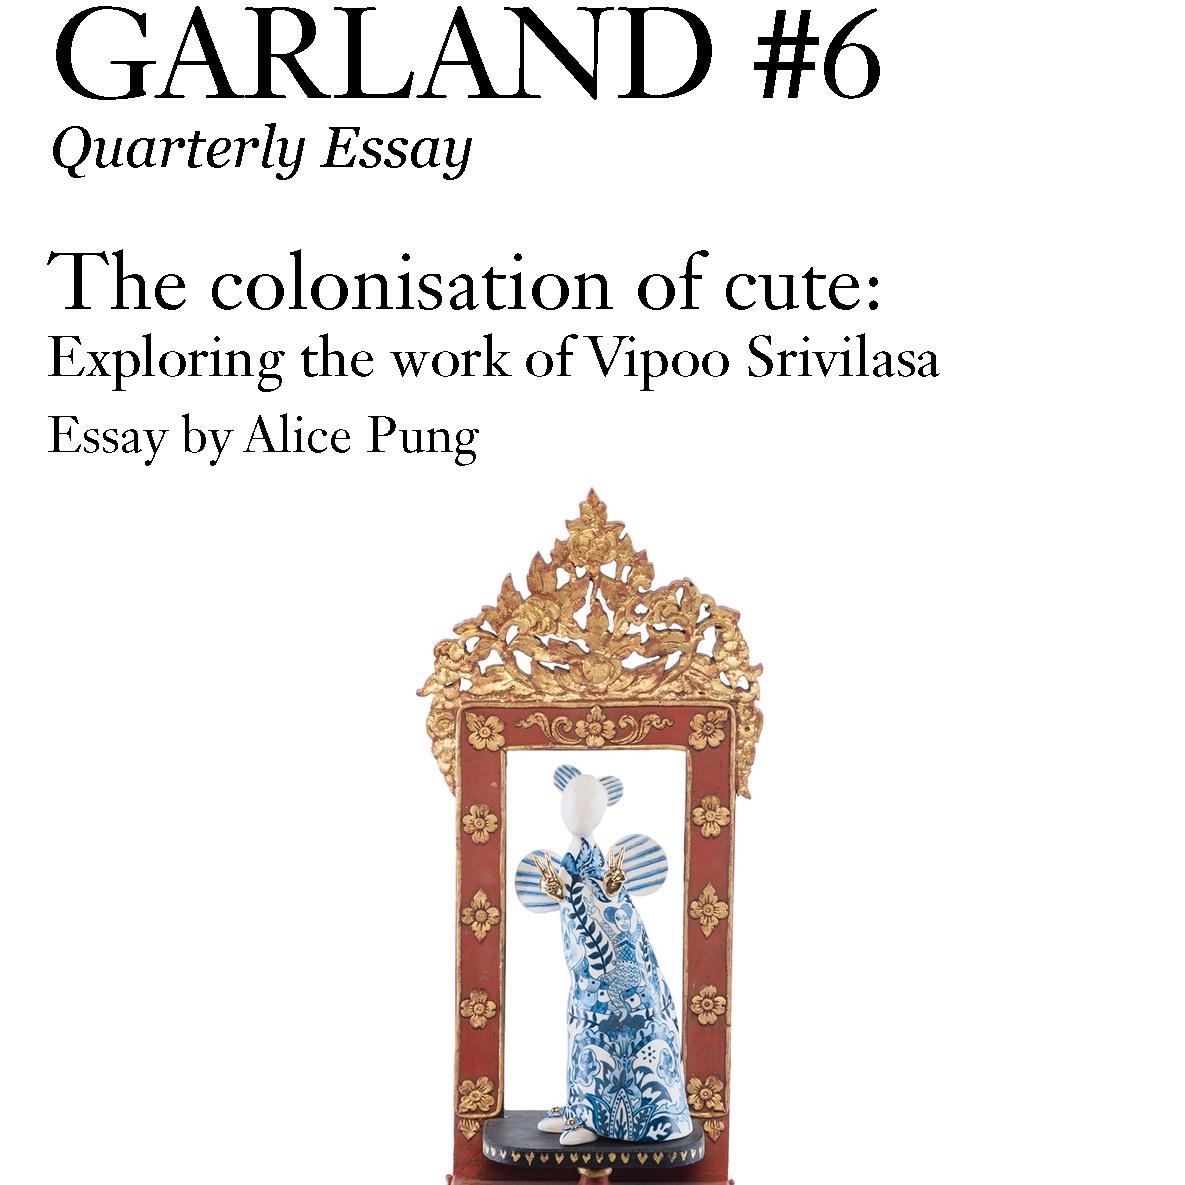 Garland #6 March 2017